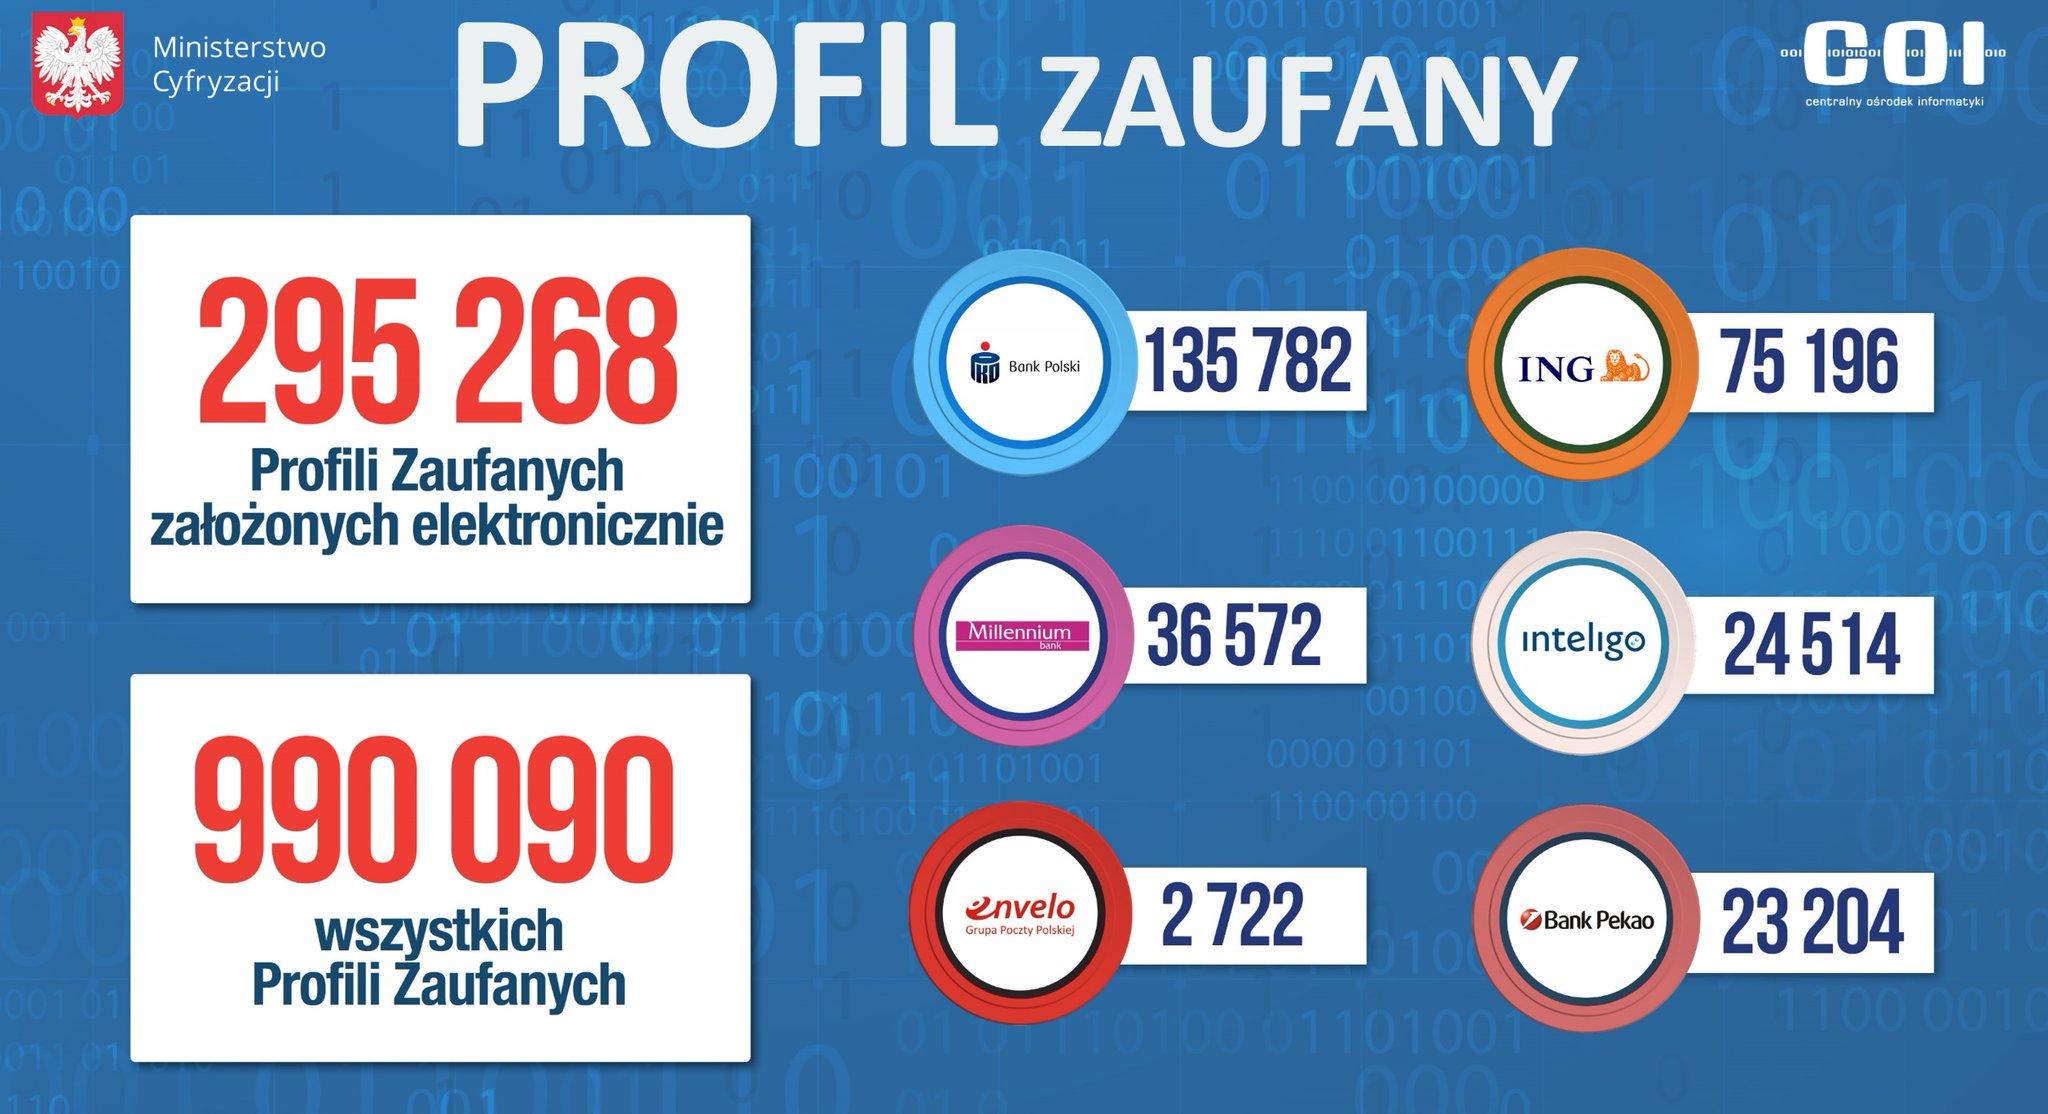 Statystyki Profilu Zaufanego przed dobiciem do miliona użytkowników.